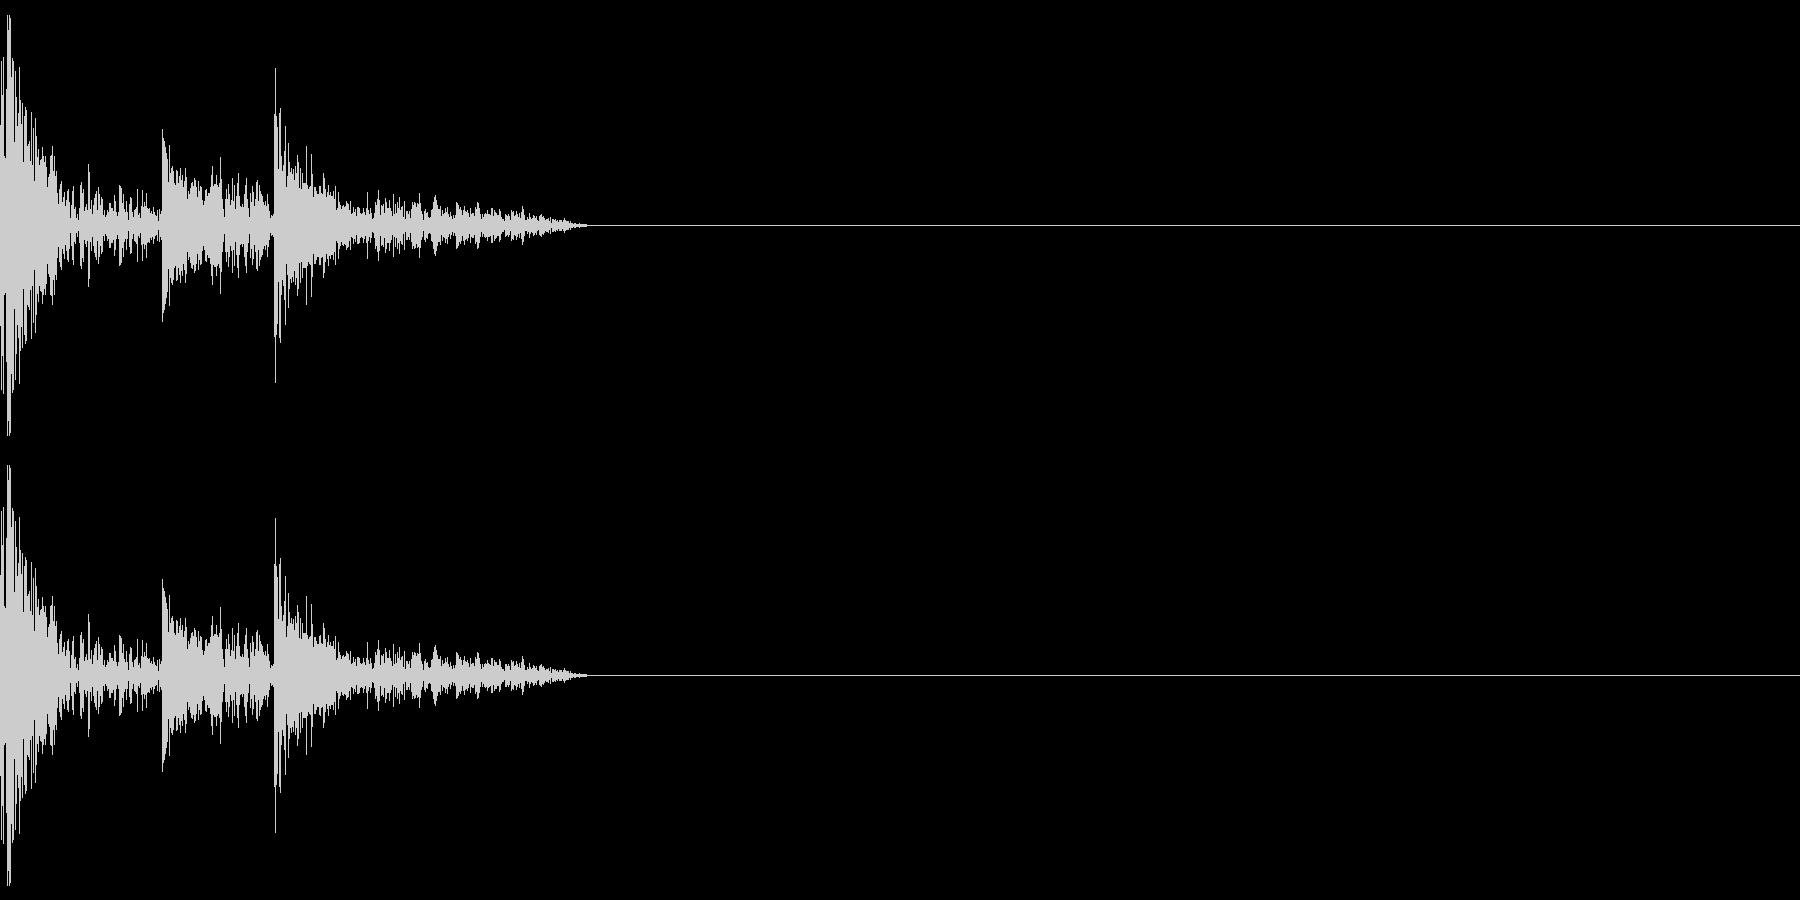 攻撃音などにの未再生の波形